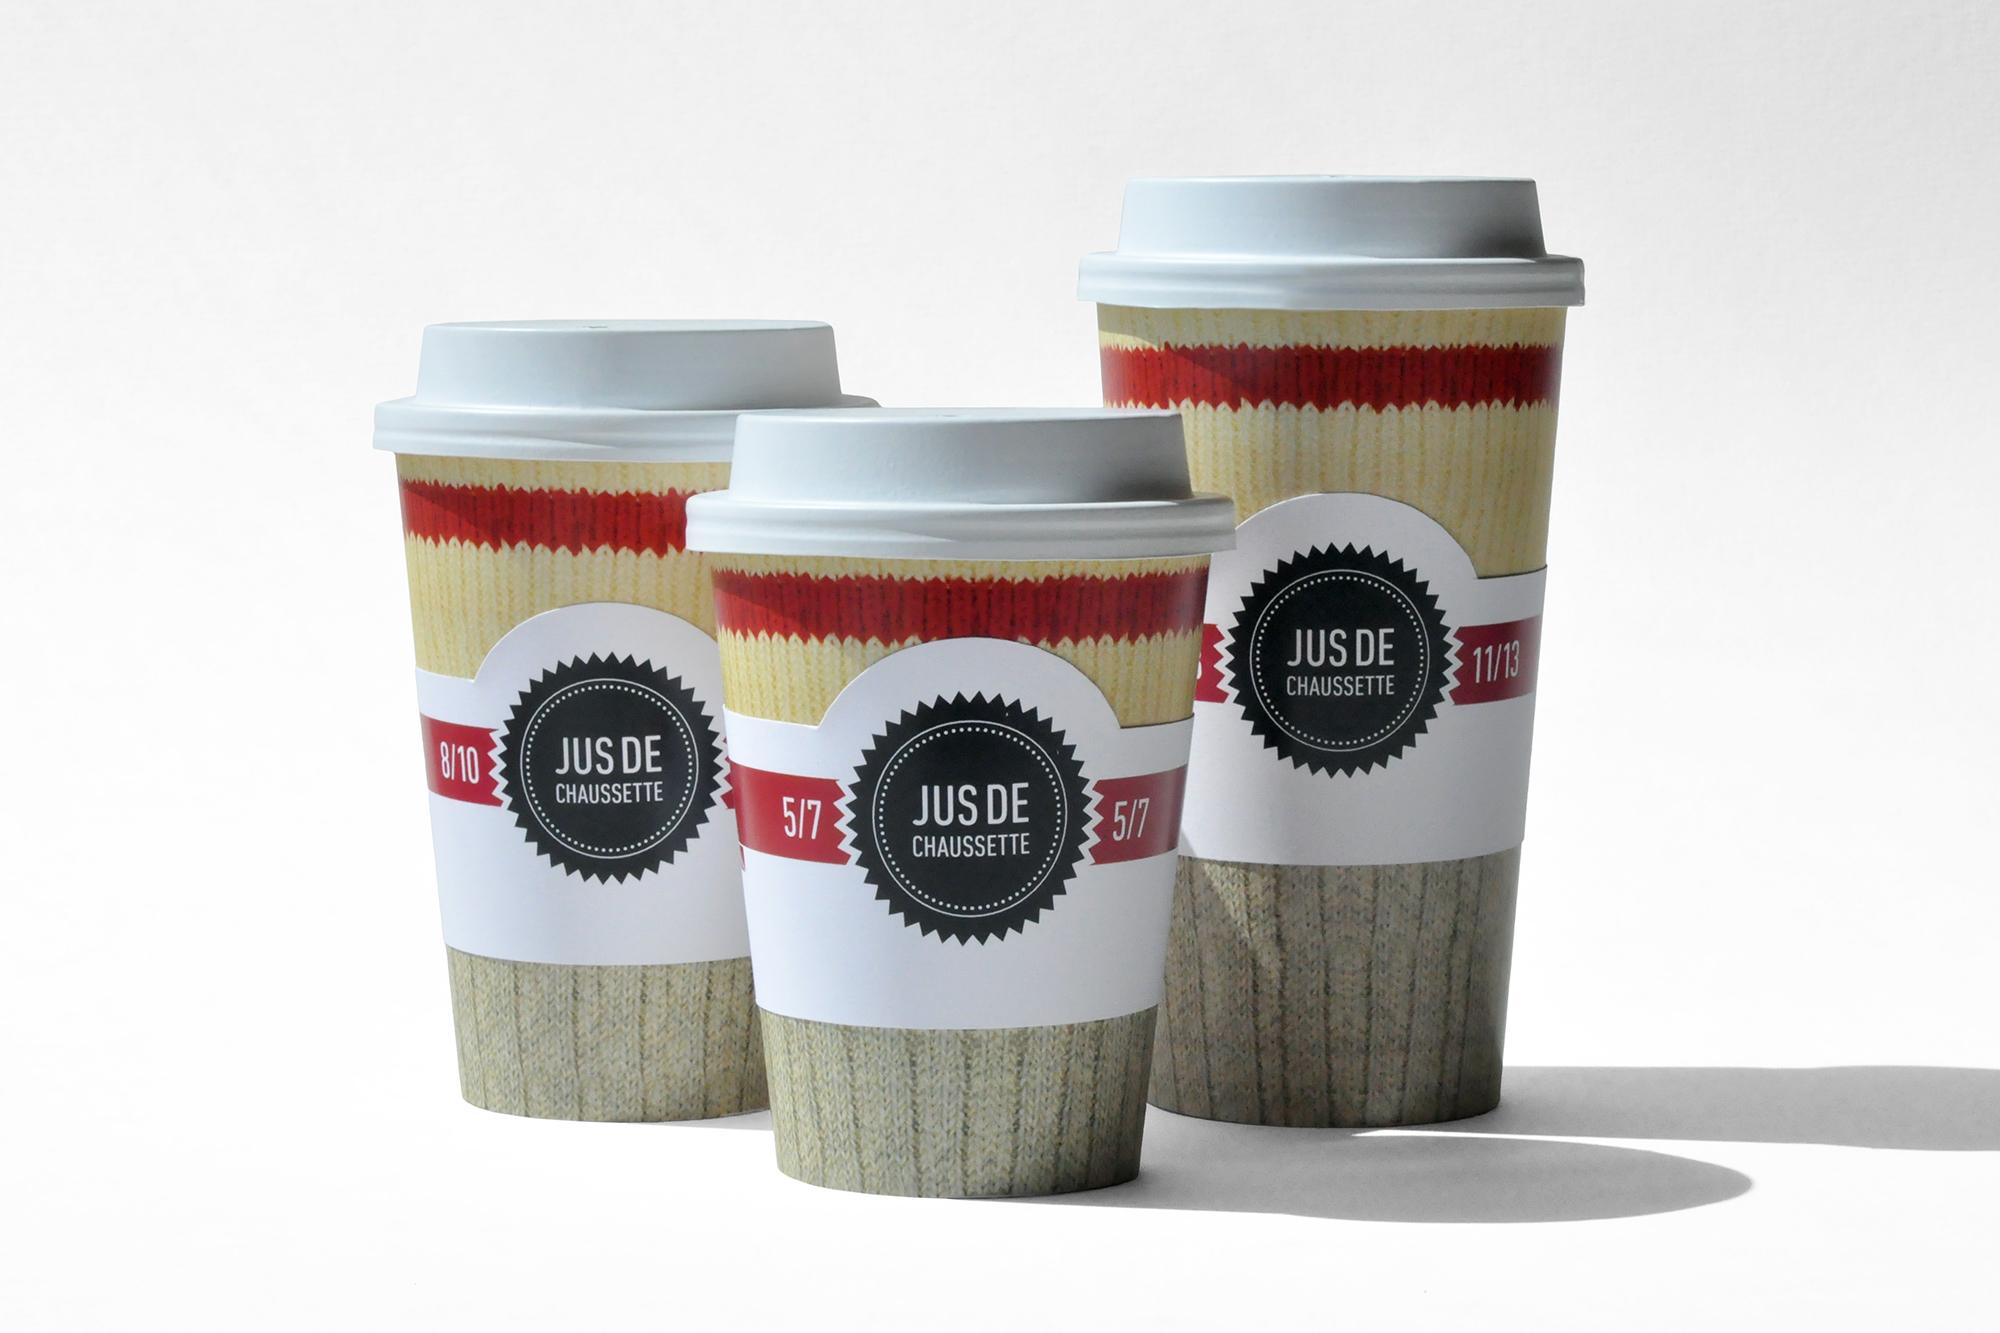 trois formats de verres à café «Jus de chaussette» pour emporter